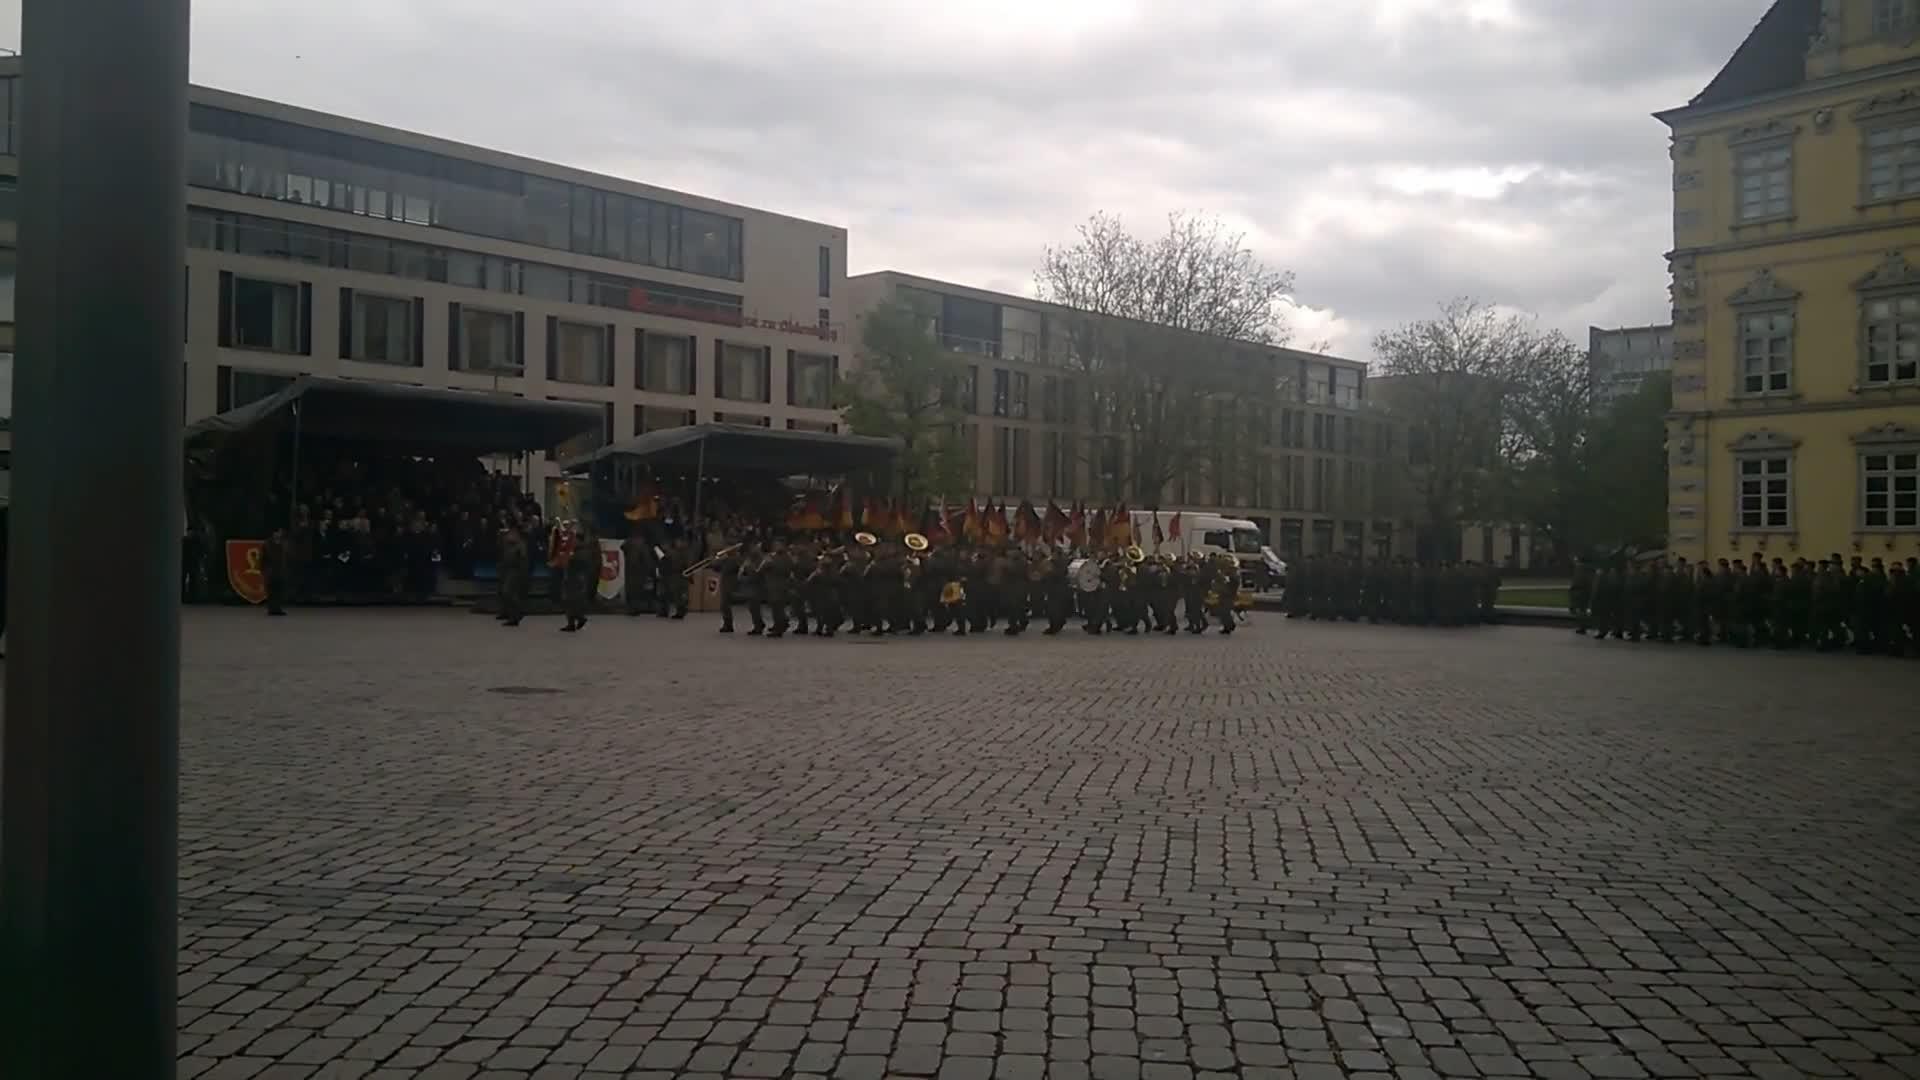 Bundeswehr, Heimat und Recht, Peter Fitzek, Travel & Events, comsubpac, Ausmarsch der Paradeaufstellung - Kommandoübergabe 1. Panzerdivision GIFs